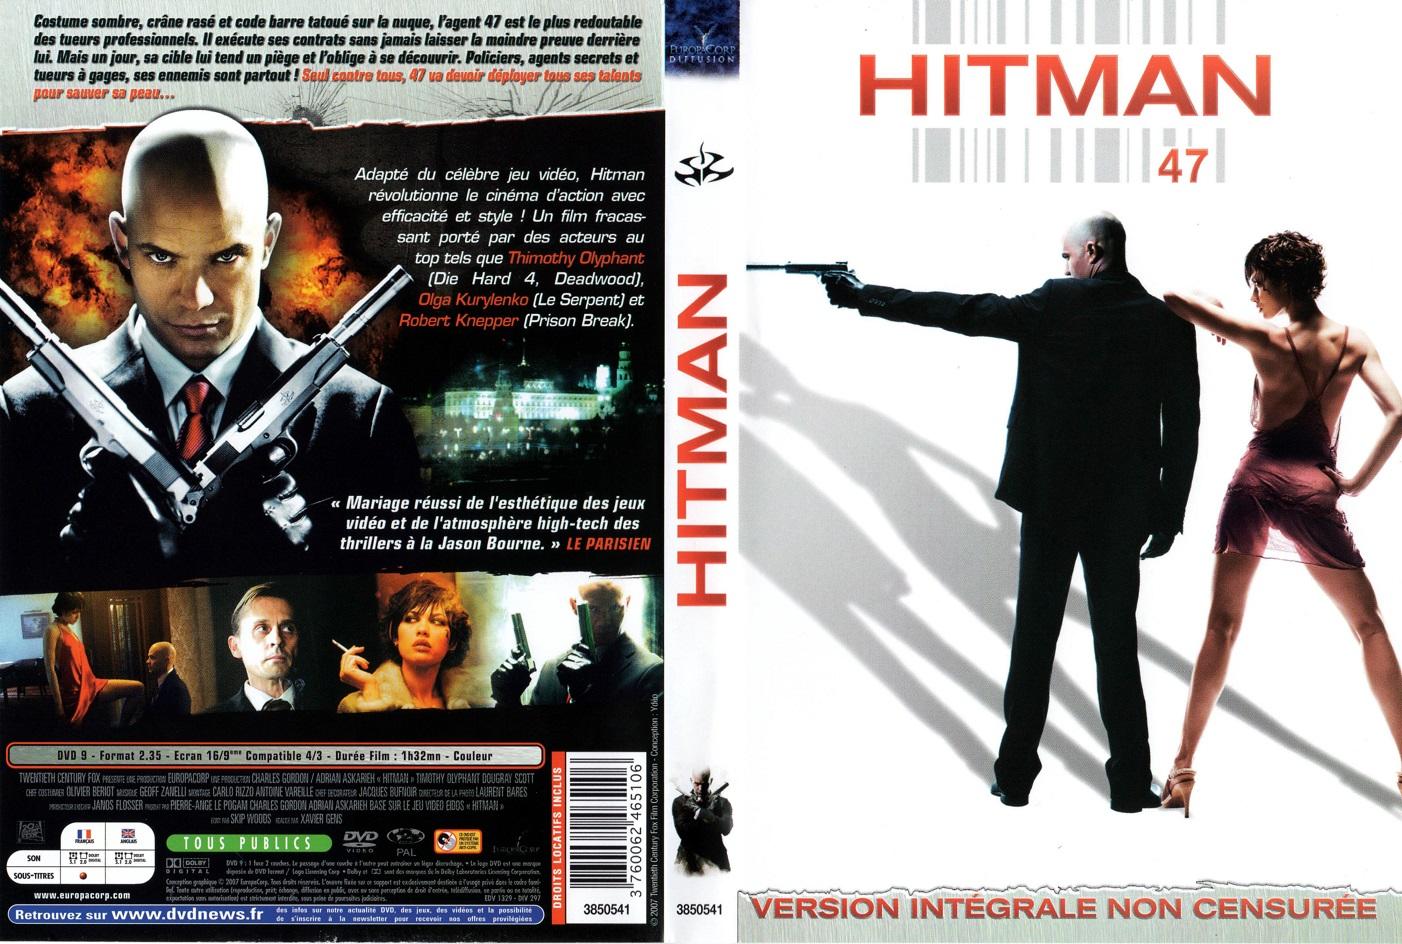 hitman_2007_-11005602072008.jpg